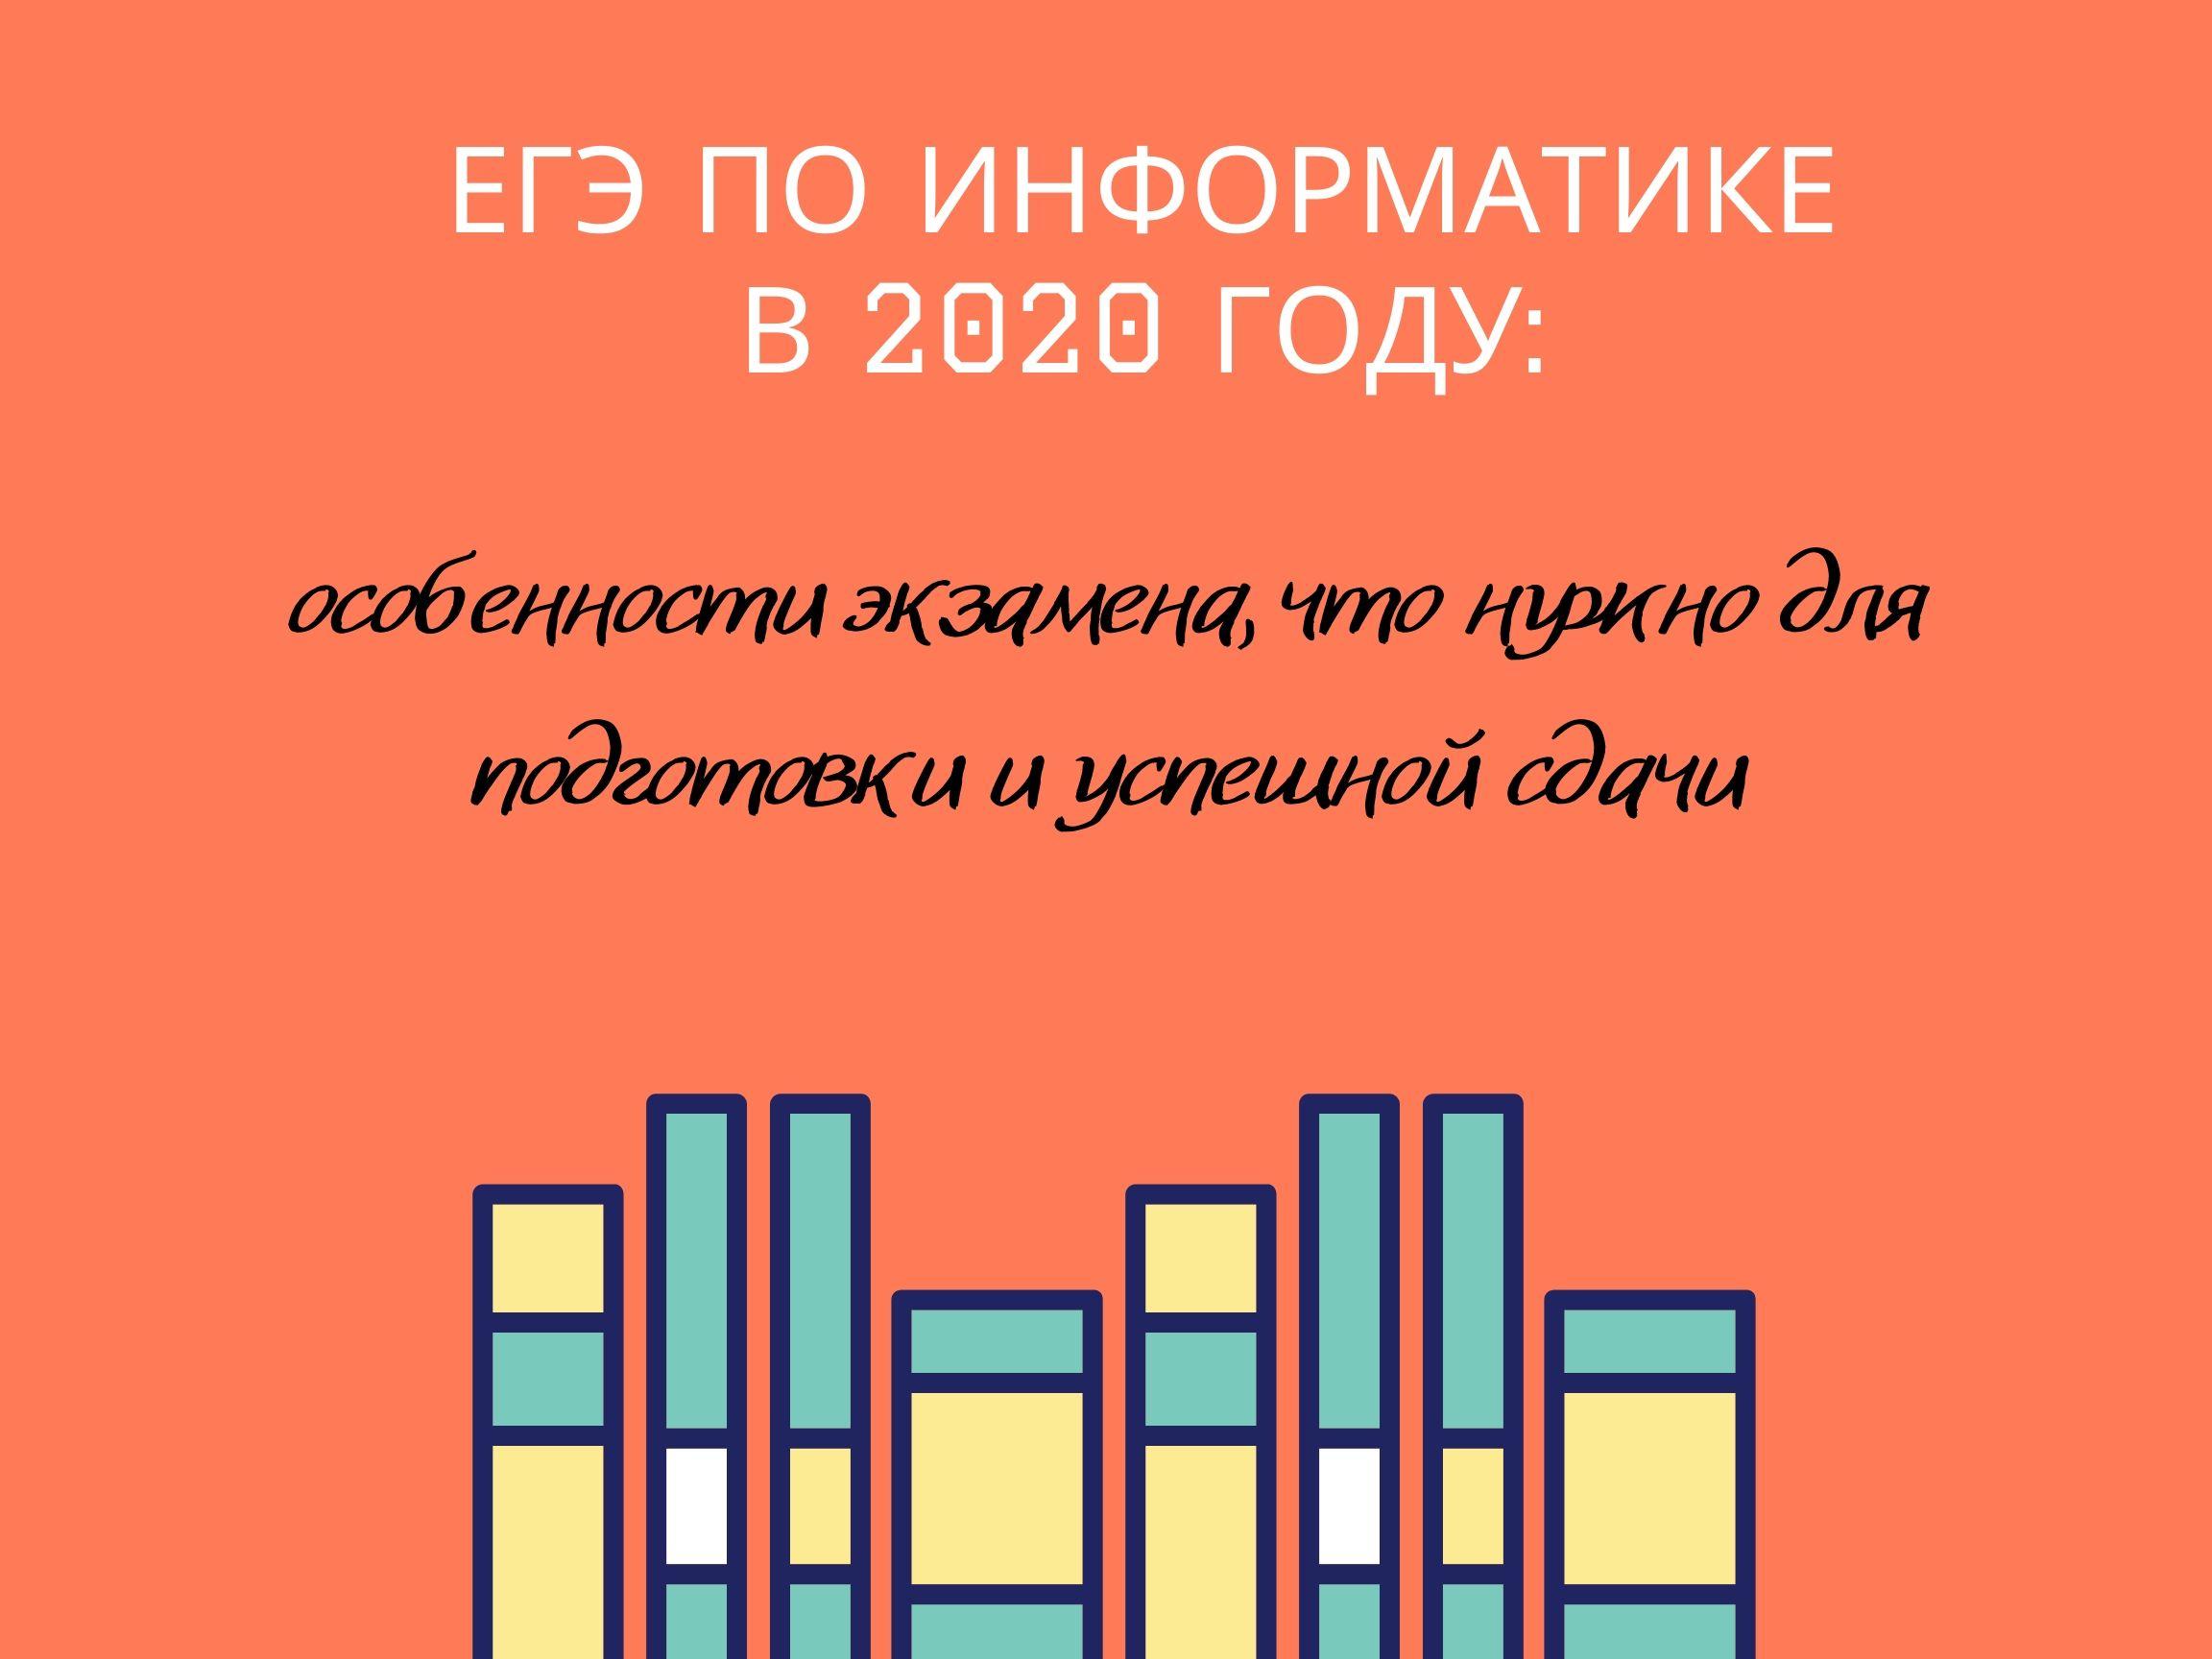 ЕГЭ по информатике в 2020 году: особенности экзамена, что нужно для подготовки и успешной сдачи